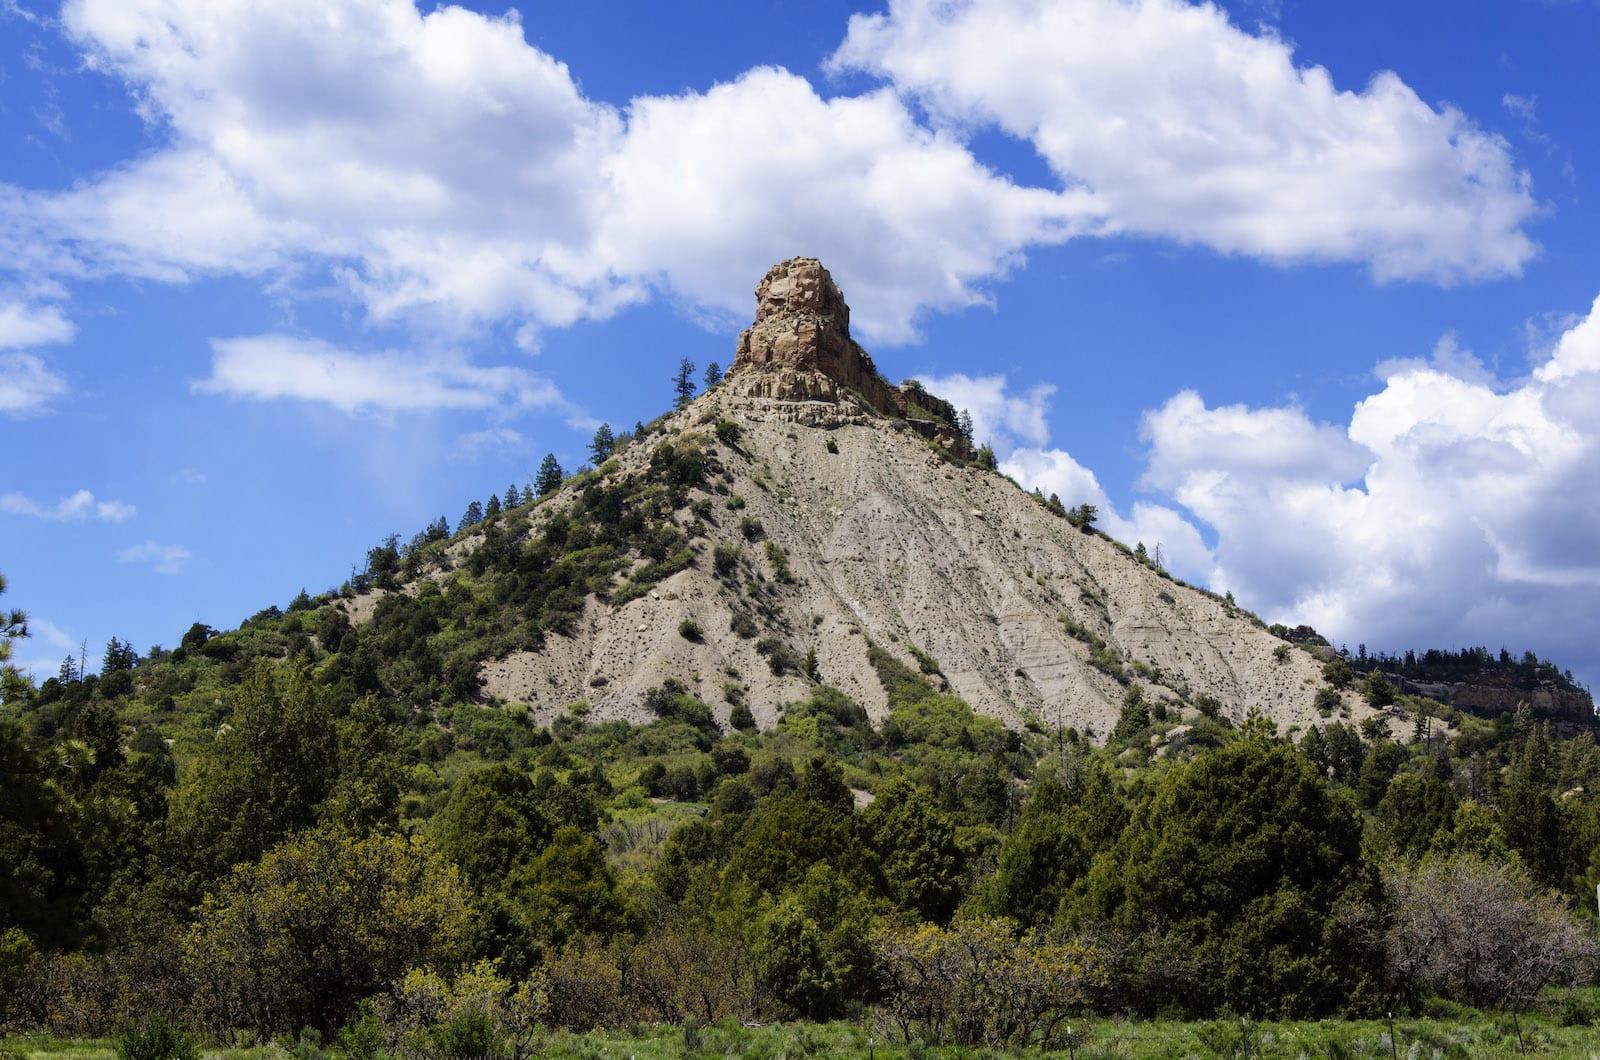 Chimney Rock Mountain Colorado